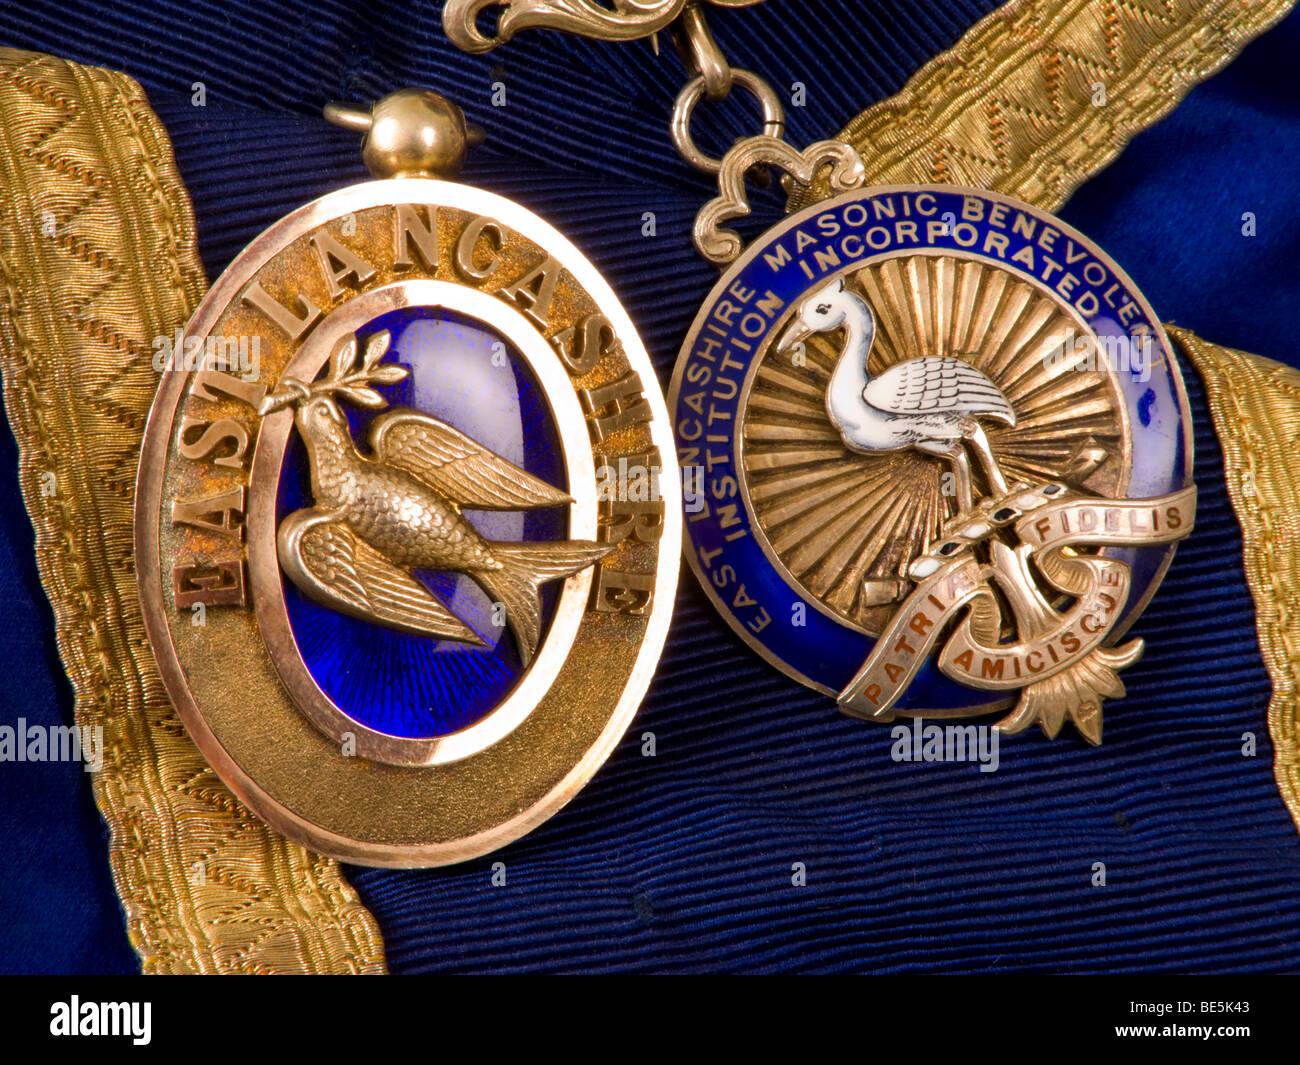 Masonic Jewels Stock Photos & Masonic Jewels Stock Images - Alamy